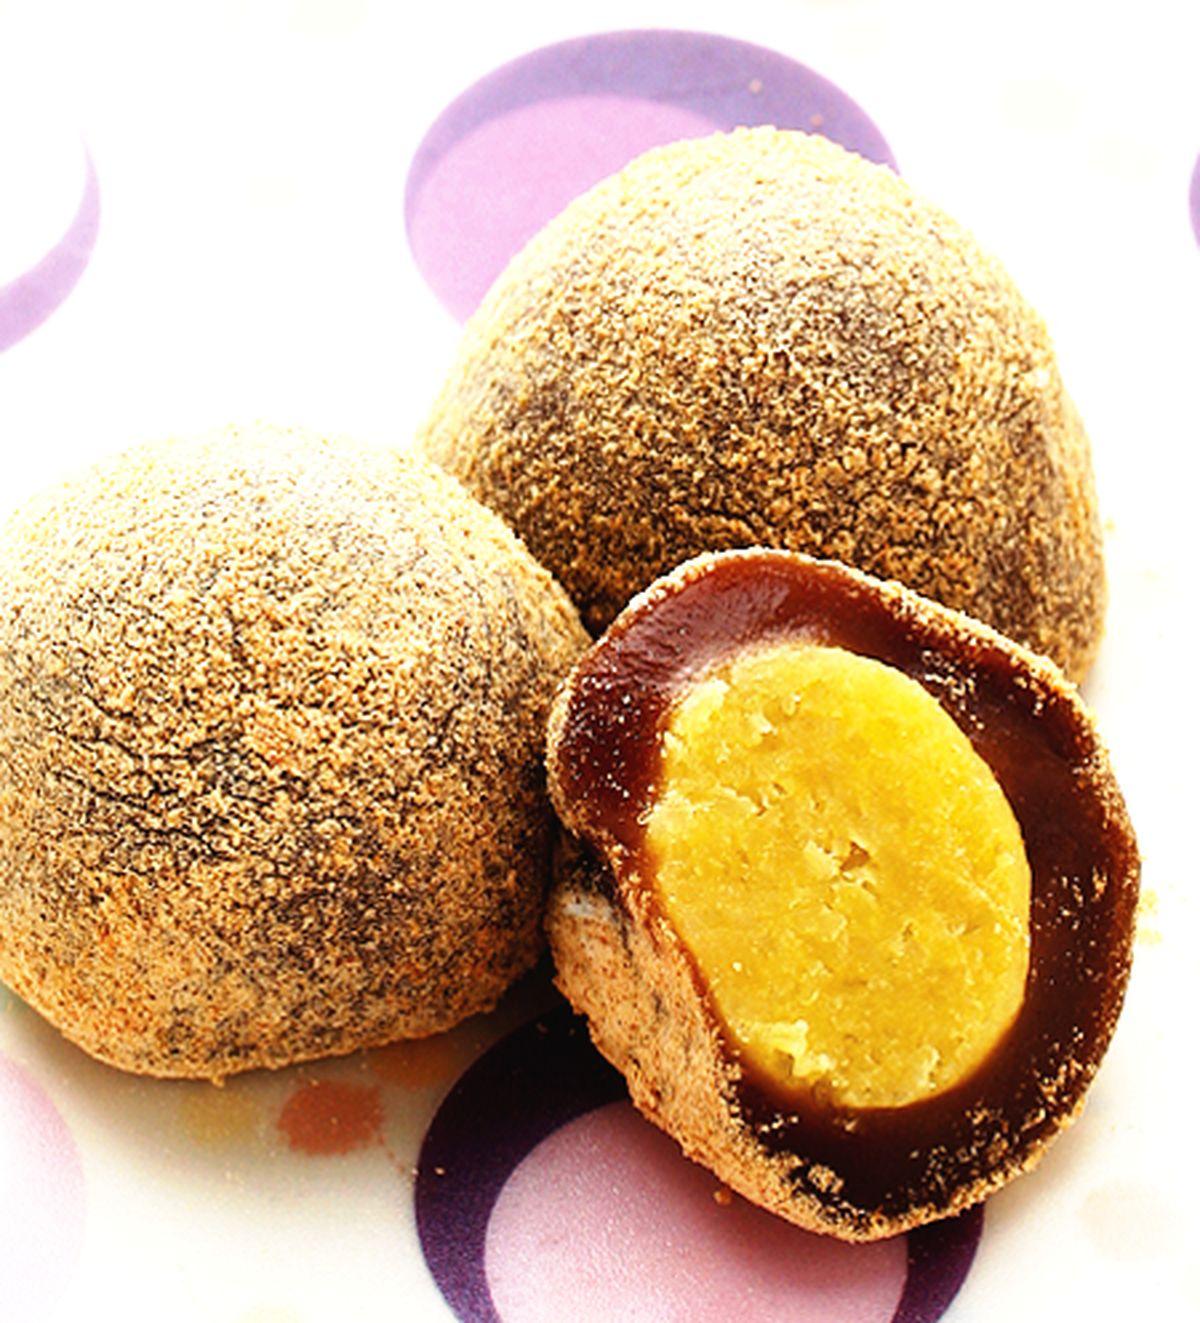 食譜:黑糖地瓜麻糬